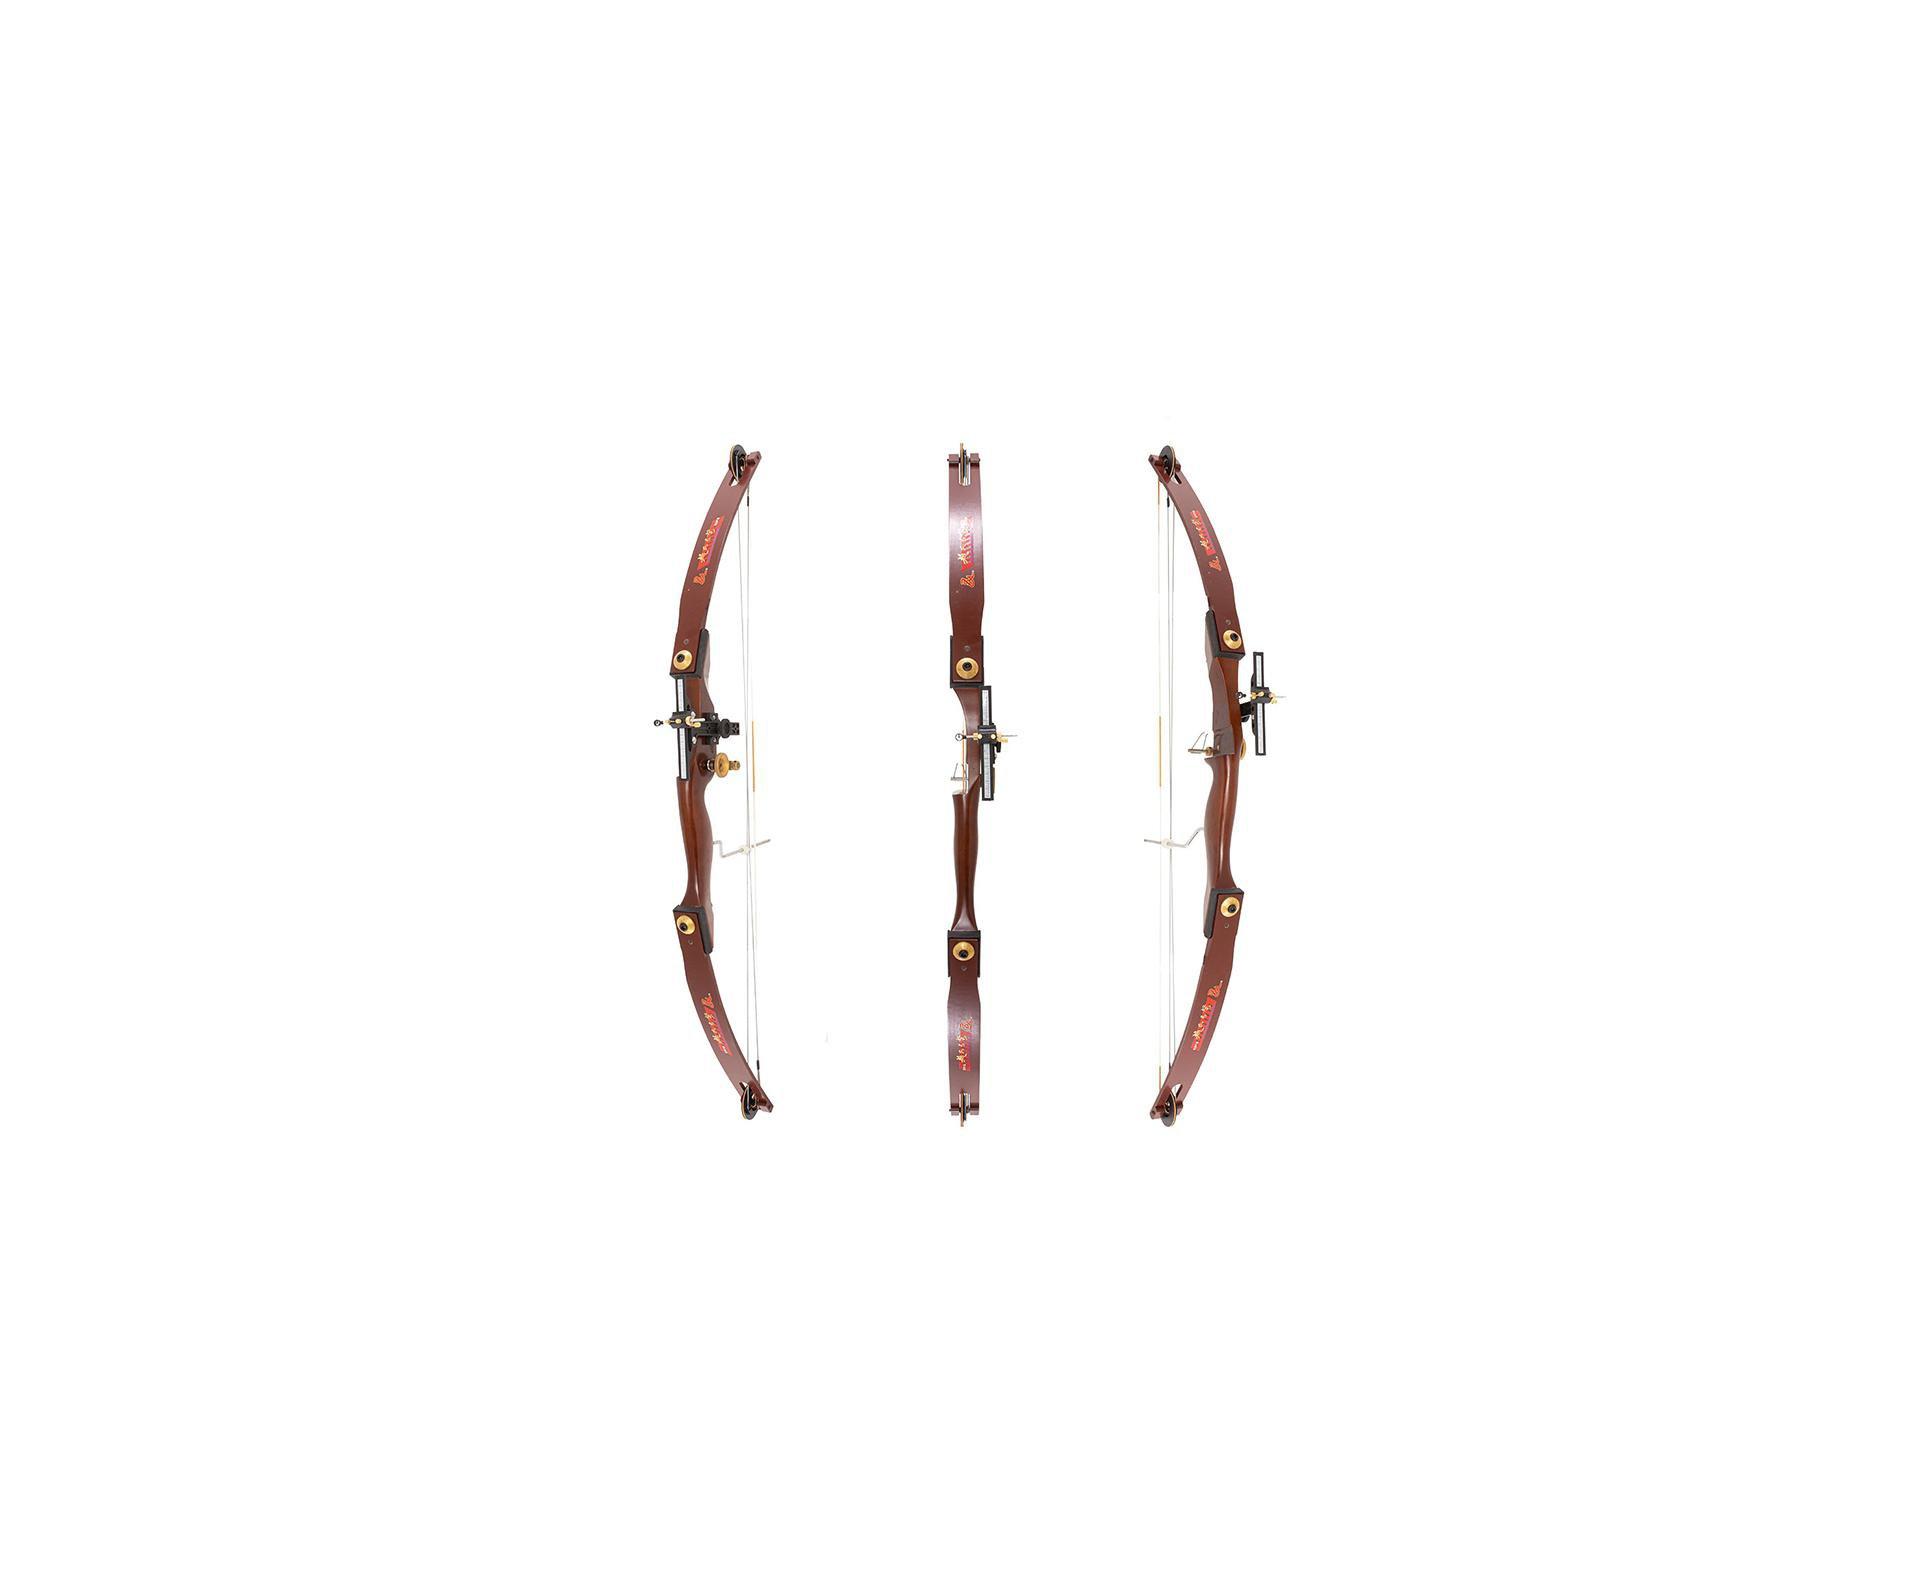 Arco Composto 36 Libras Riser Madeira Marrom (canhoto) Junxing